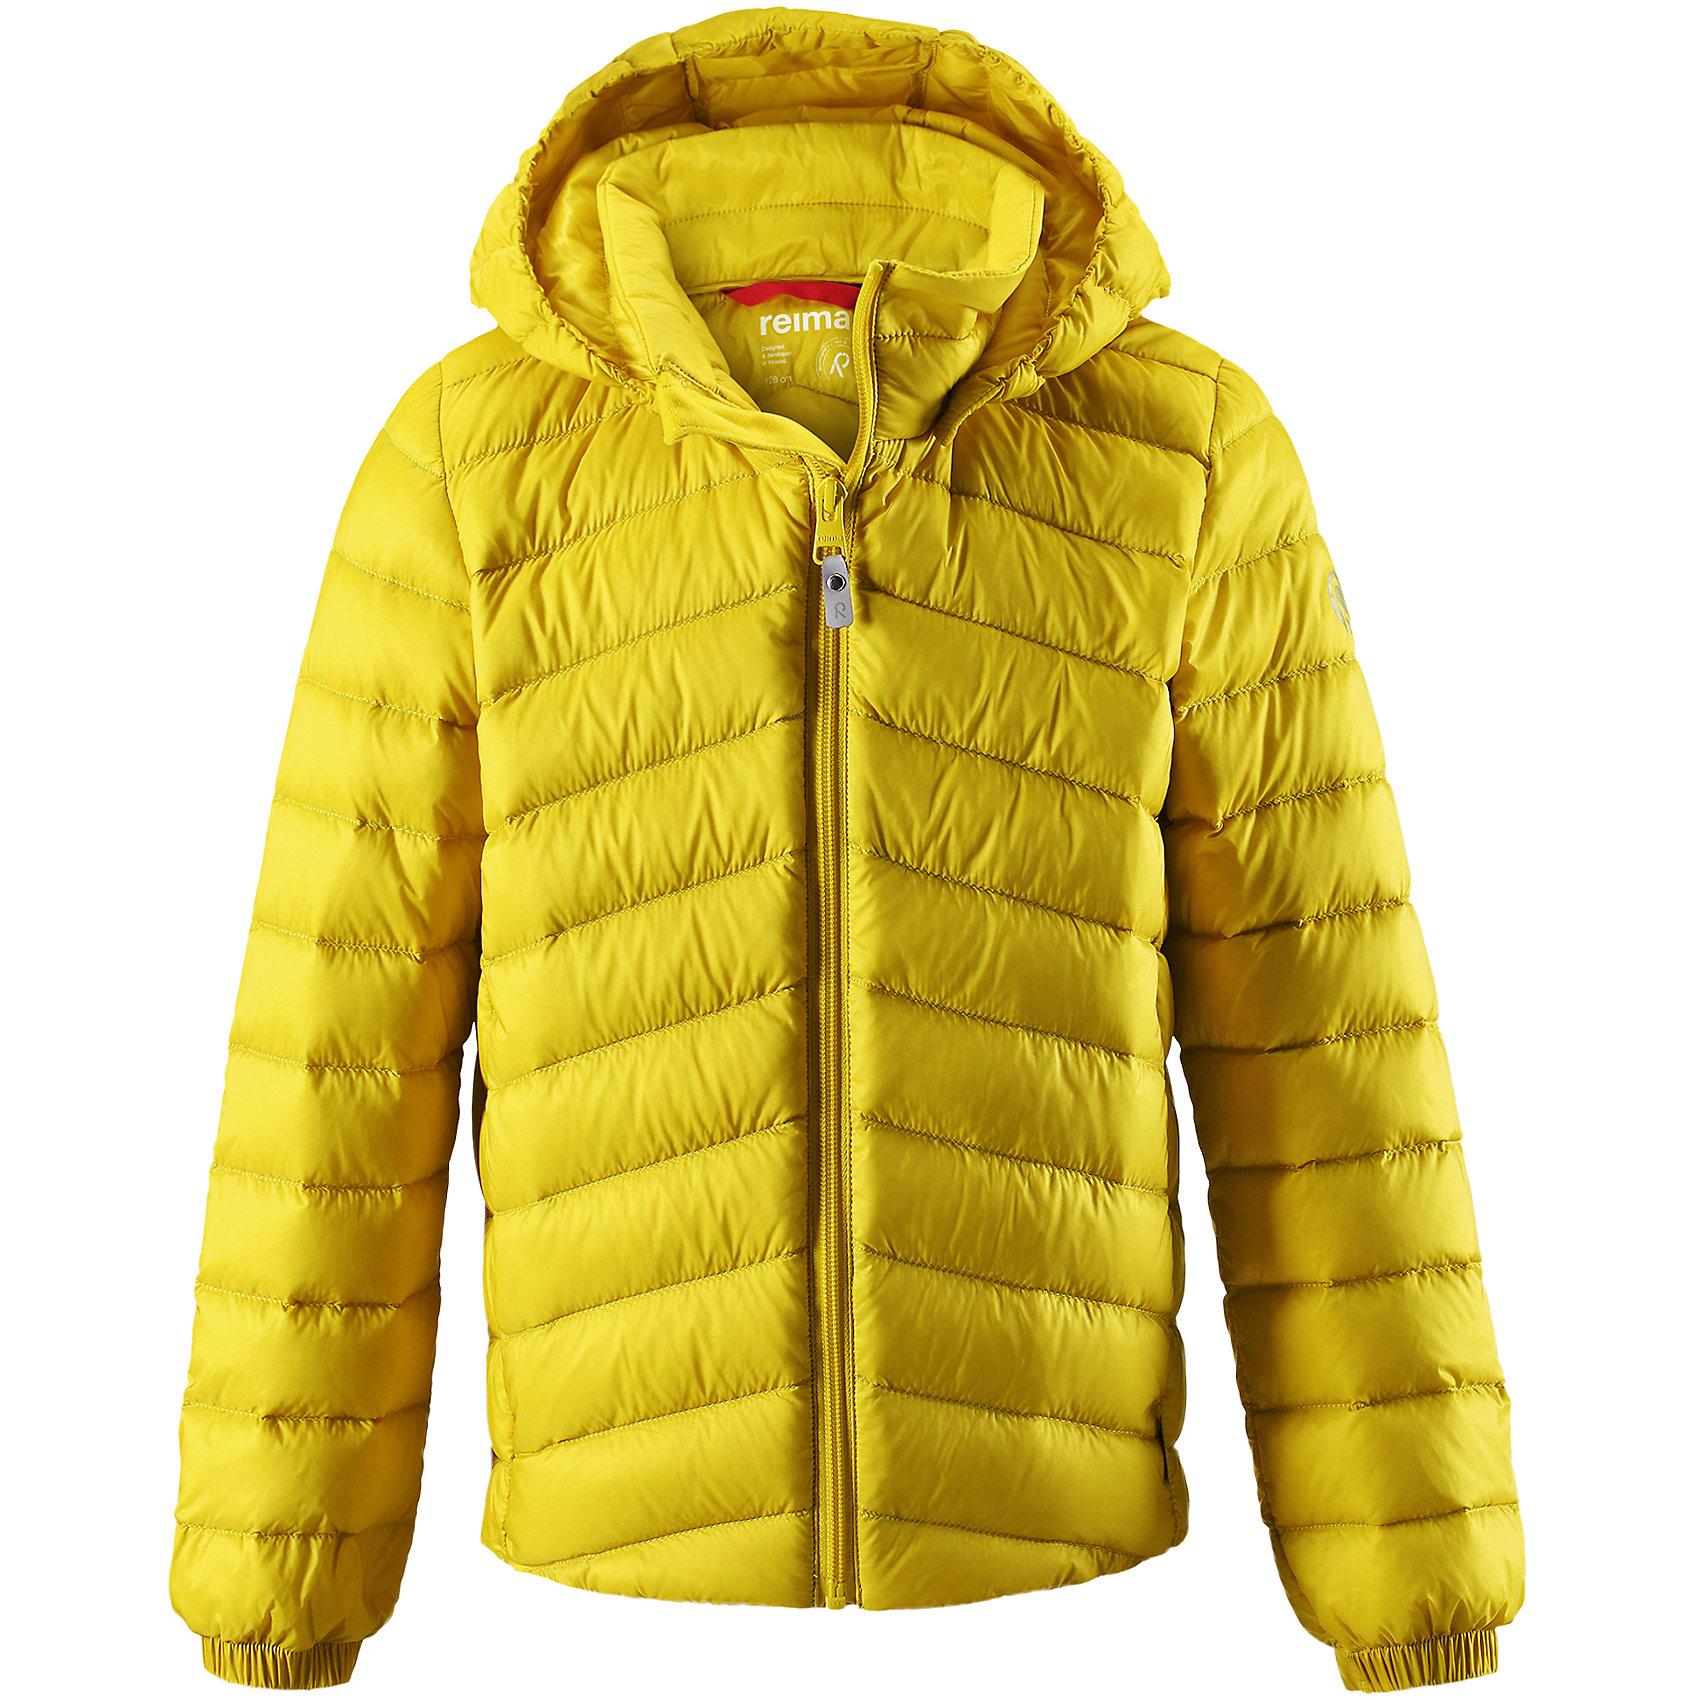 Куртка Falk для мальчика ReimaОдежда<br>Куртка-пуховик для подростков сшита из водоотталкивающего, ветронепроницаемого и дышащего материала. Благодаря гладкому материалу подкладки куртка легко надевается, а удобная двусторонняя молния превратит одевание в веселую игру. .  Эластичный край подола и поясок на спинке придают этой стильной удлиненной куртке красивый силуэт. Куртка снабжена безопасным съемным капюшоном со стильной съемной отделкой из искусственного меха. Обратите внимание на удобную петельку, спрятанную в кармане с клапаном – к ней можно прикрепить любимый светоотражатель ребенка для обеспечения лучшей видимости. В комплекте с курткой идет отдельная сумка для ее хранения. Роскошная, модная, легкая и теплая куртка станет отличным вариантом и для игр во дворе, и для прогулок по городу.<br>Состав:<br>100% Полиамид<br><br>Ширина мм: 356<br>Глубина мм: 10<br>Высота мм: 245<br>Вес г: 519<br>Цвет: желтый<br>Возраст от месяцев: 156<br>Возраст до месяцев: 168<br>Пол: Мужской<br>Возраст: Детский<br>Размер: 164,104,110,116,122,128,134,140,146,152,158<br>SKU: 6902956